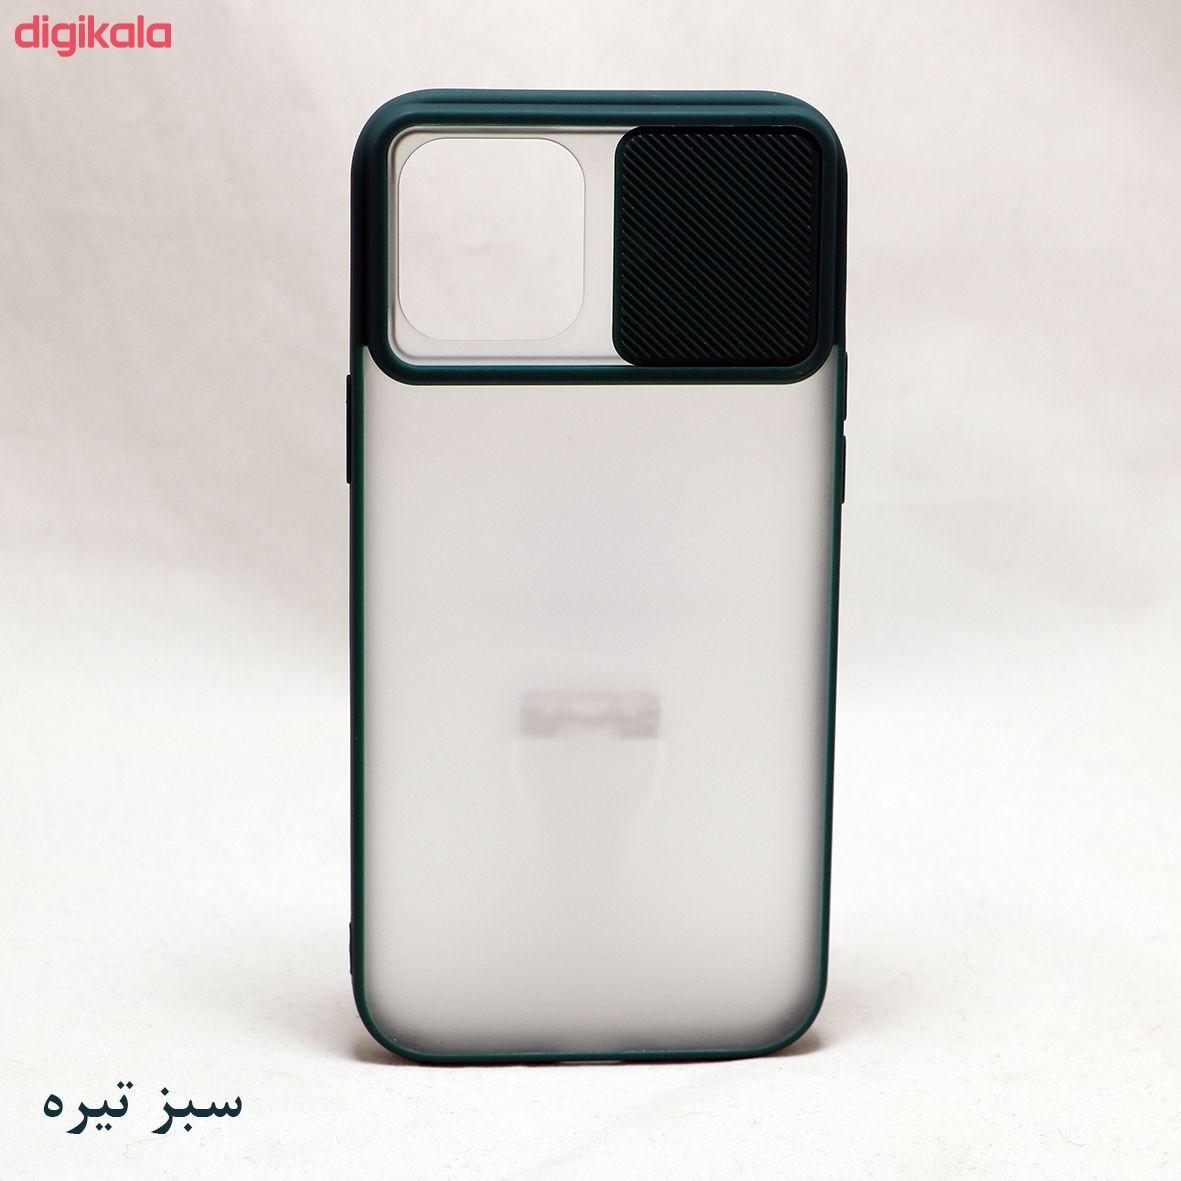 کاور مدل LNZ01 مناسب برای گوشی موبایل اپل IPhone 12 pro max main 1 1